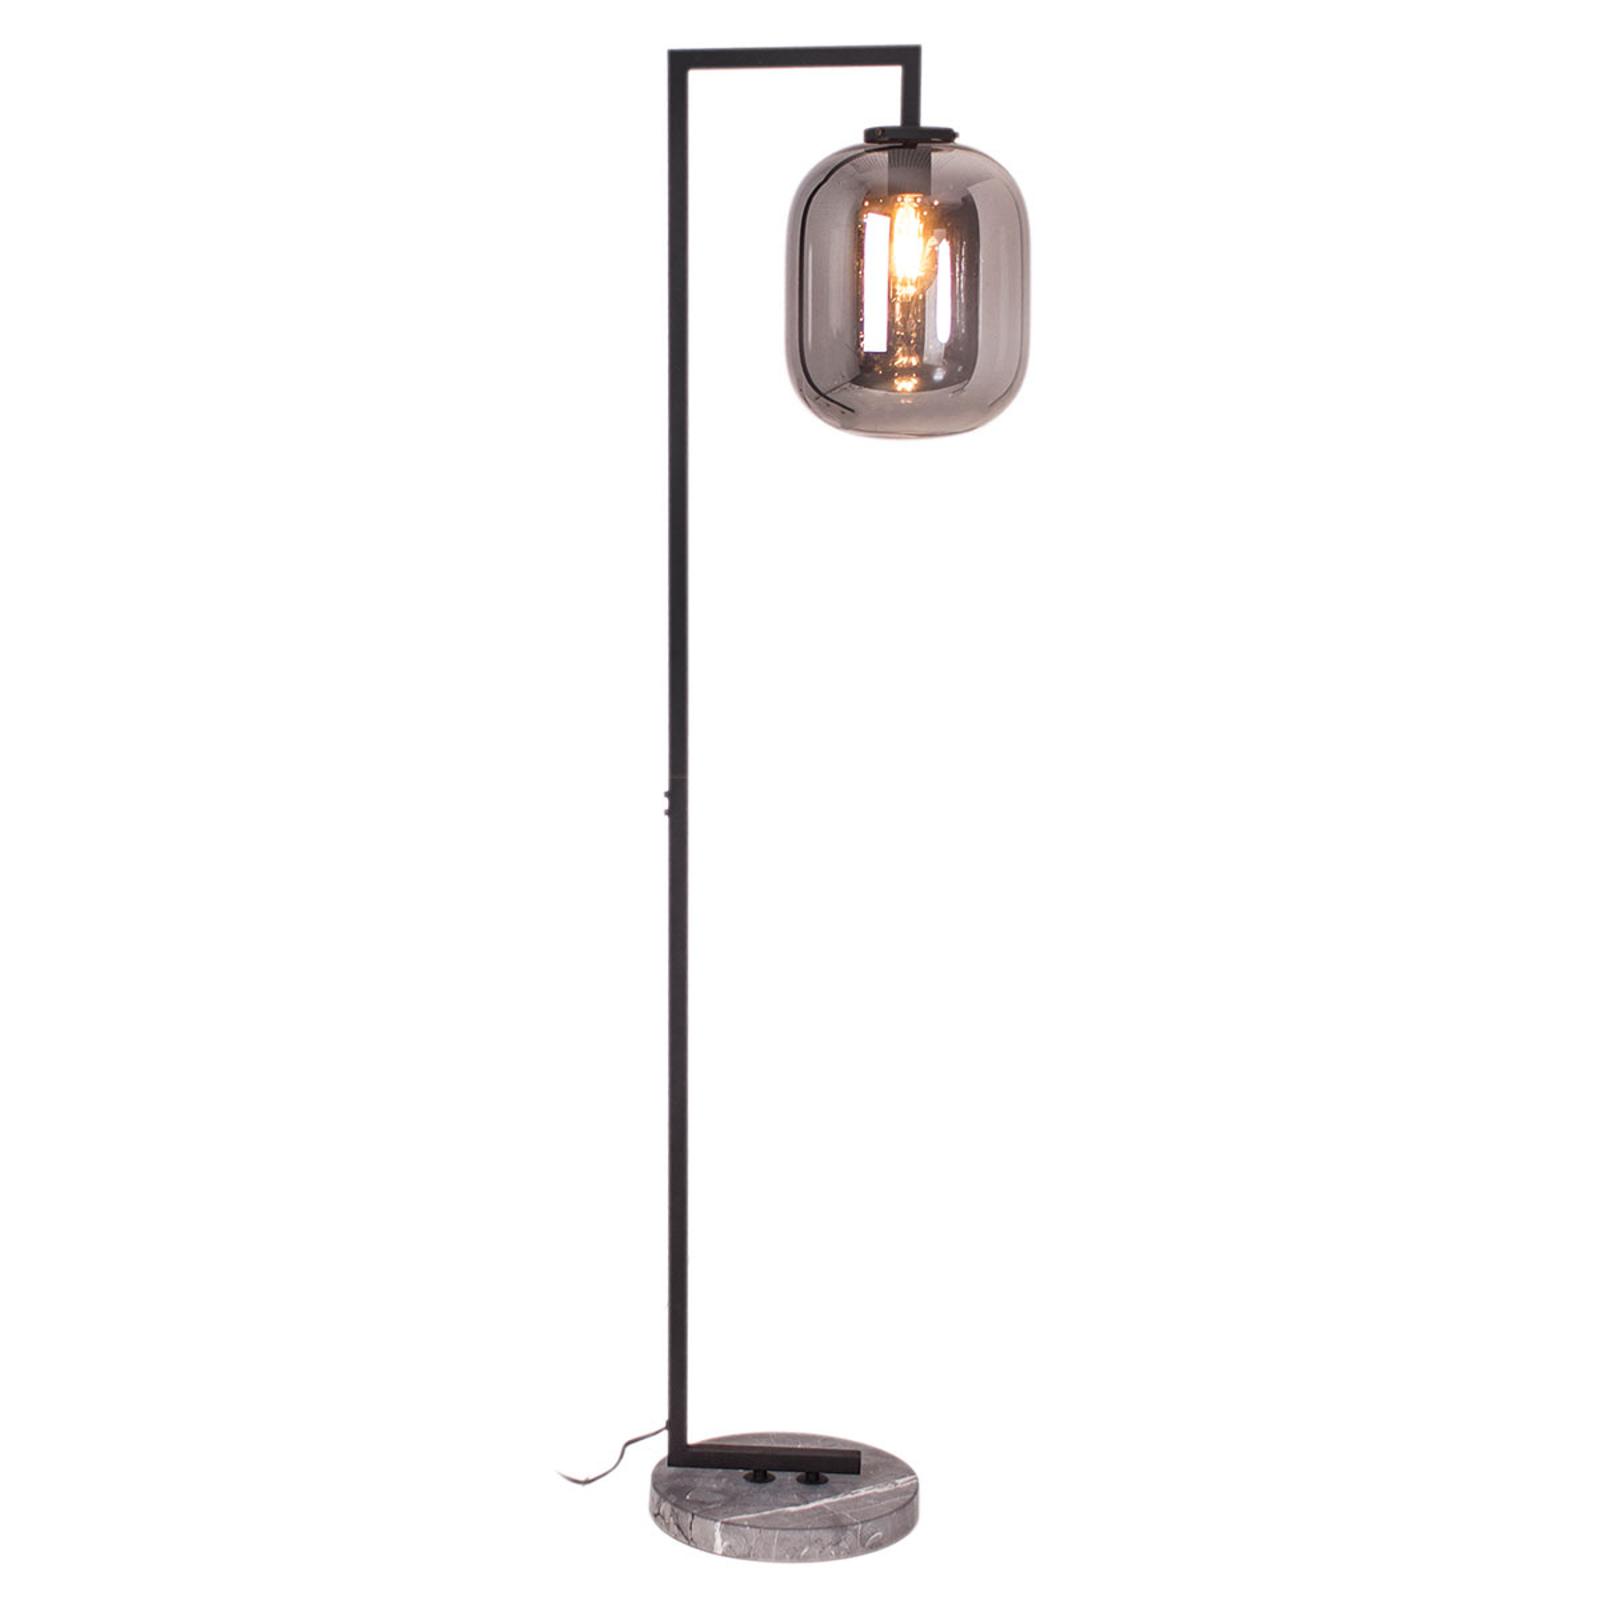 By Rydéns Leola glas-vloerlamp in rookgrijs